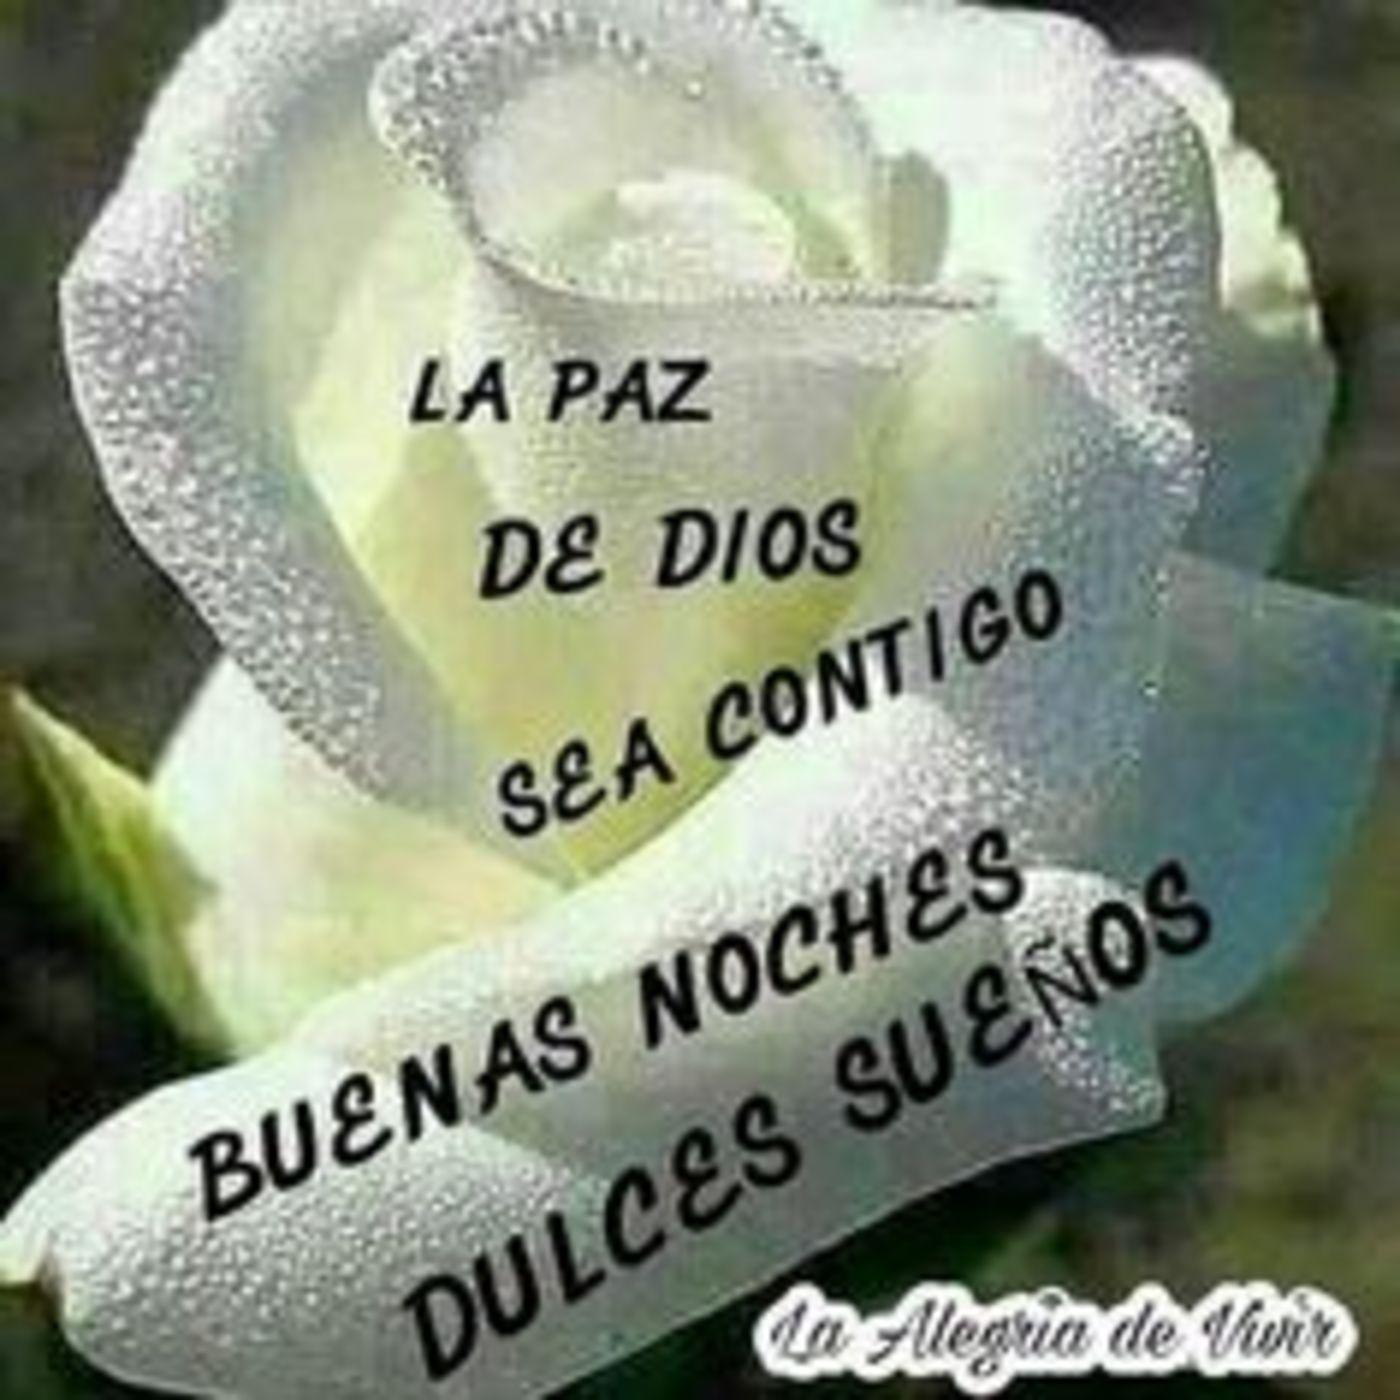 La paz de Dios sea contigo. Buenas Noches. Dulces sueños